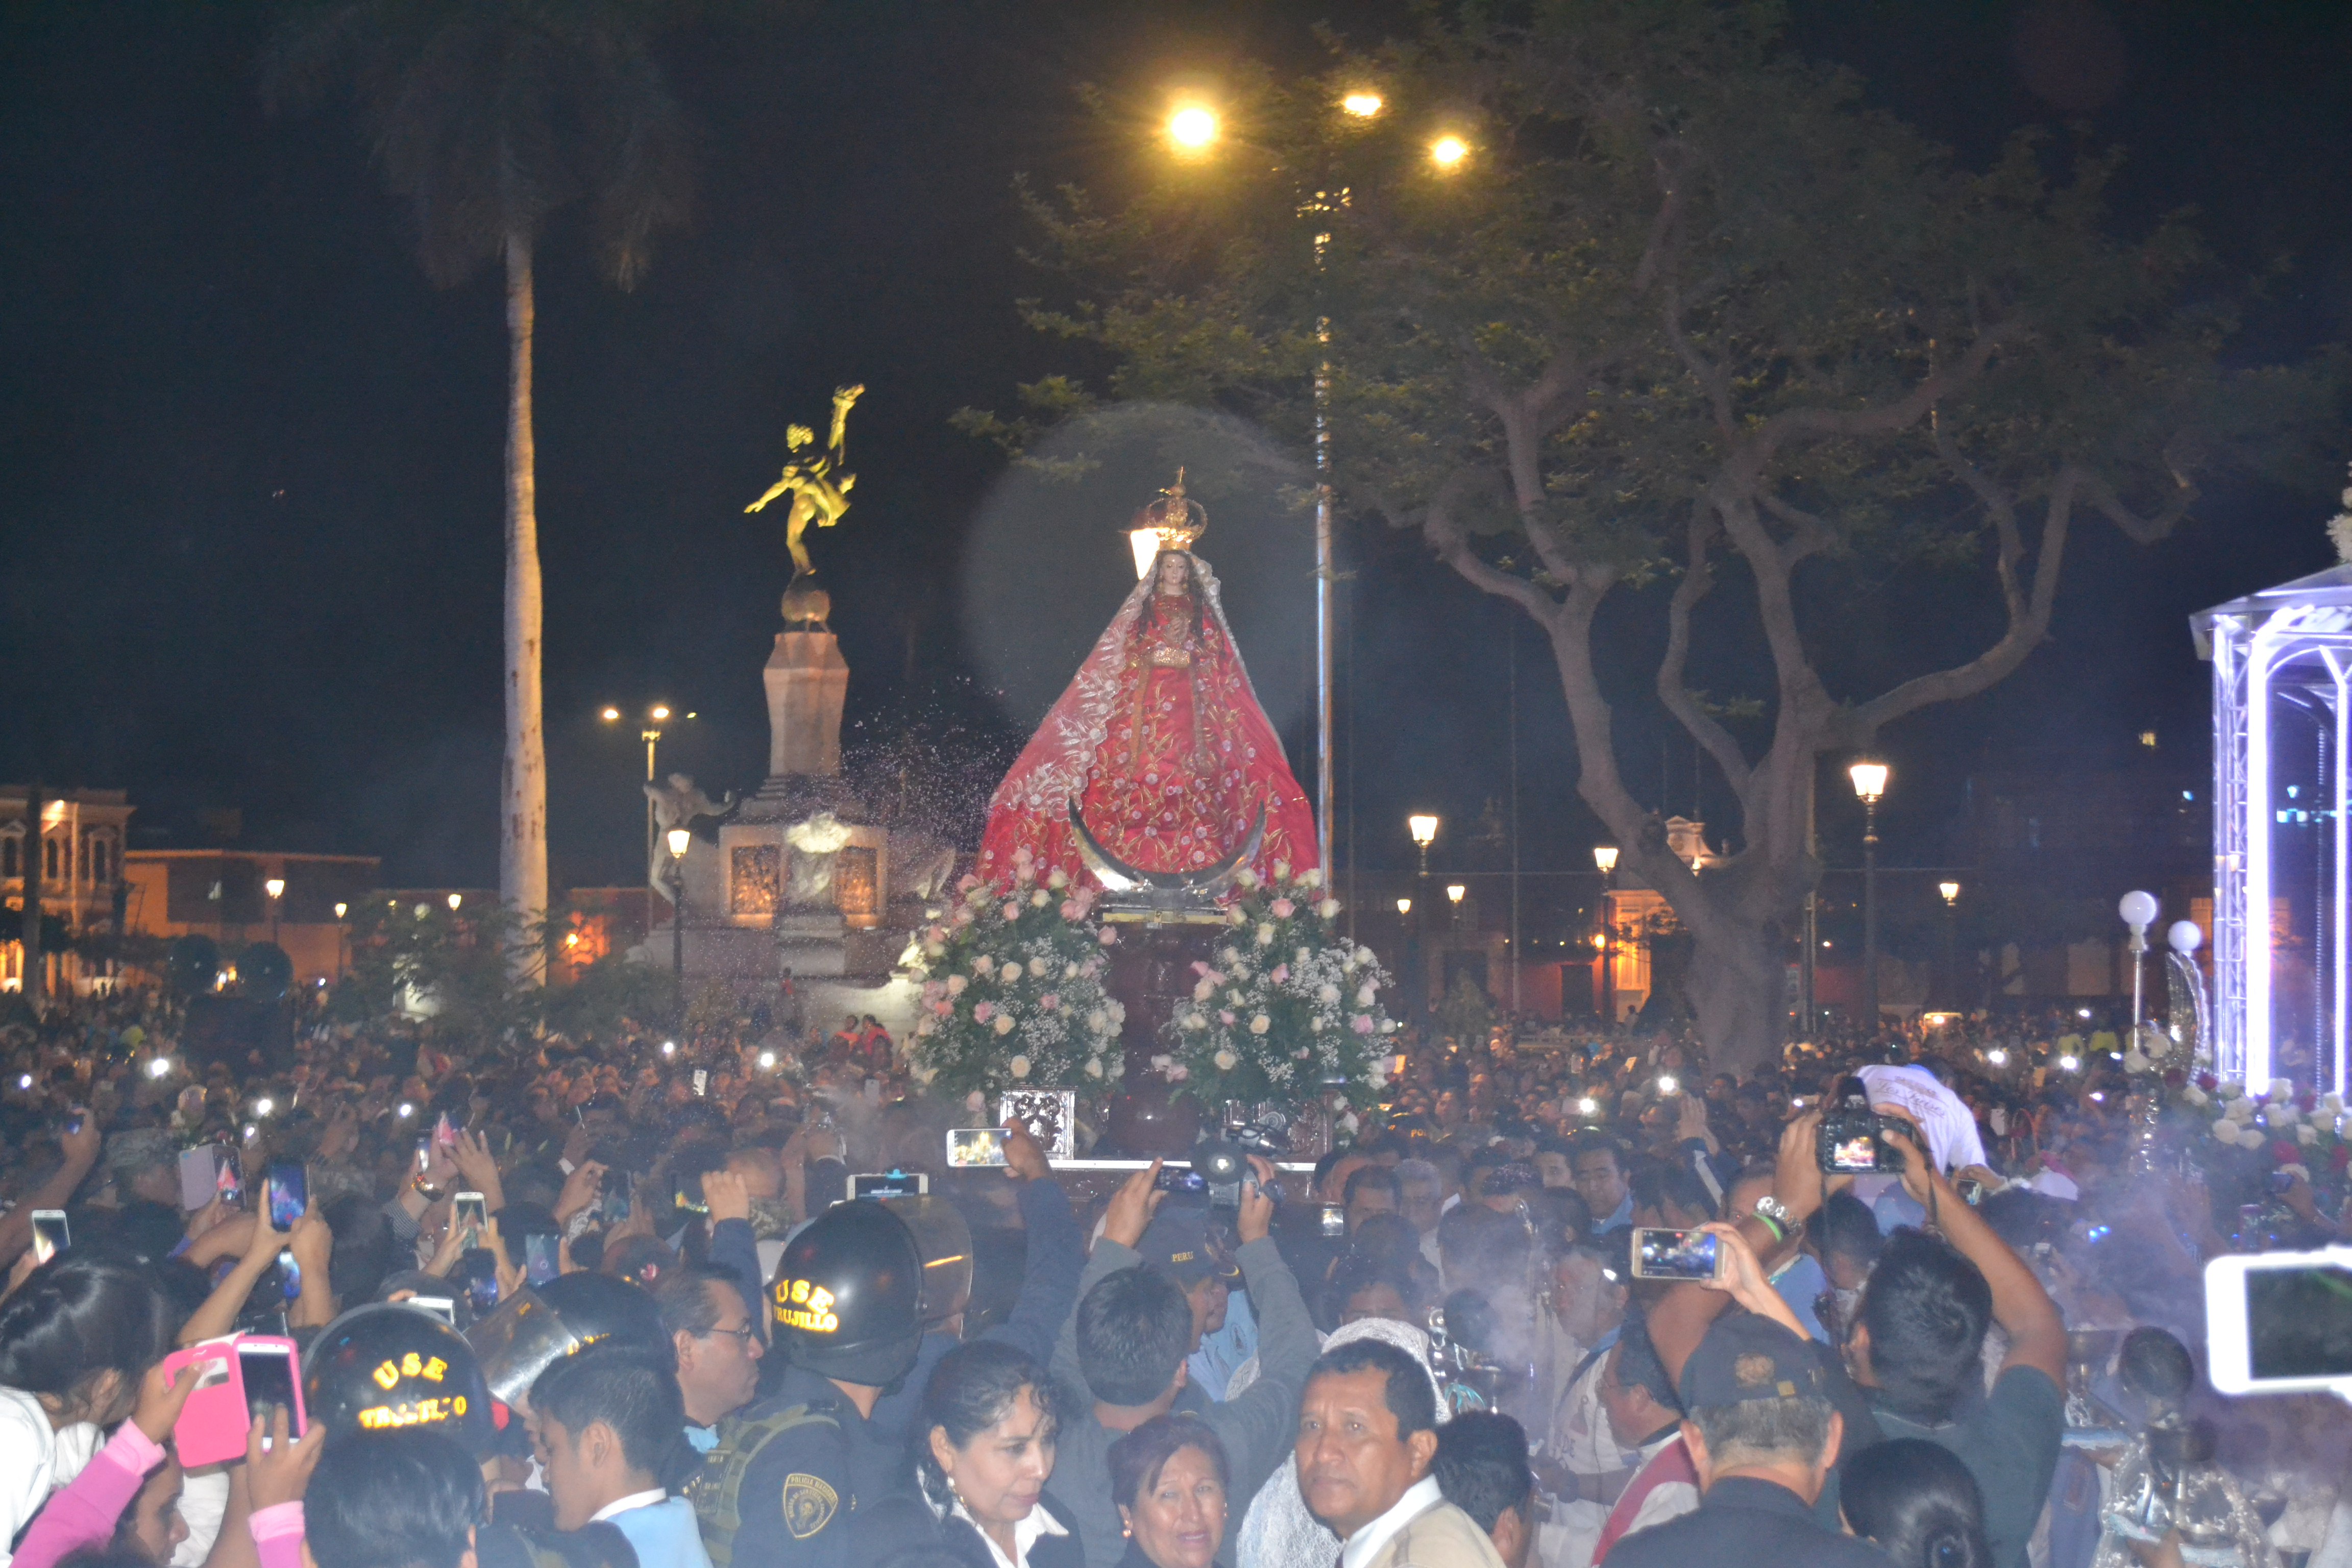 La Virgen de la Puerta de Otuzco llegó a Trujillo y fue recibida por una multitud de fieles